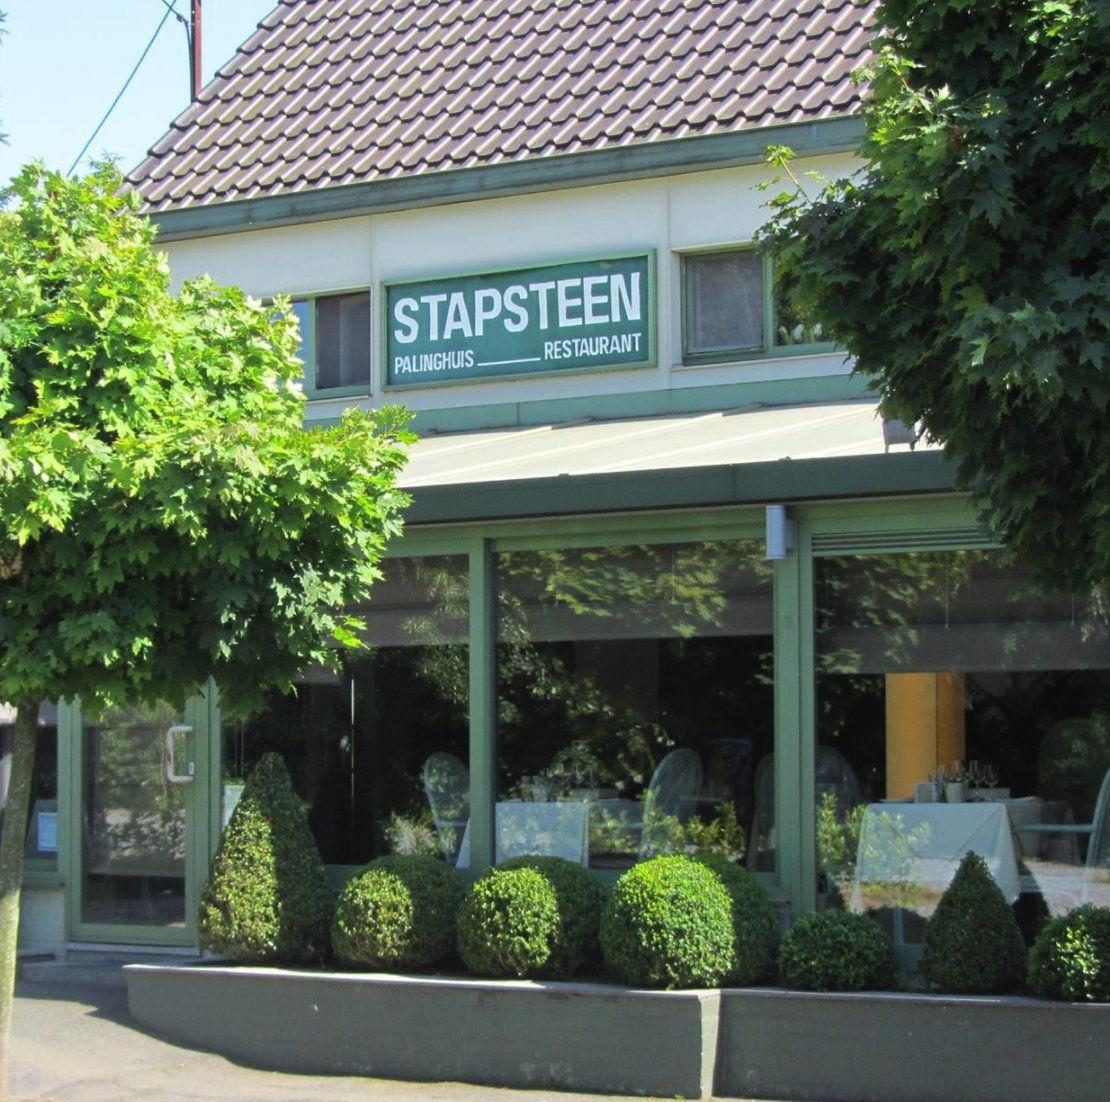 Stapsteen